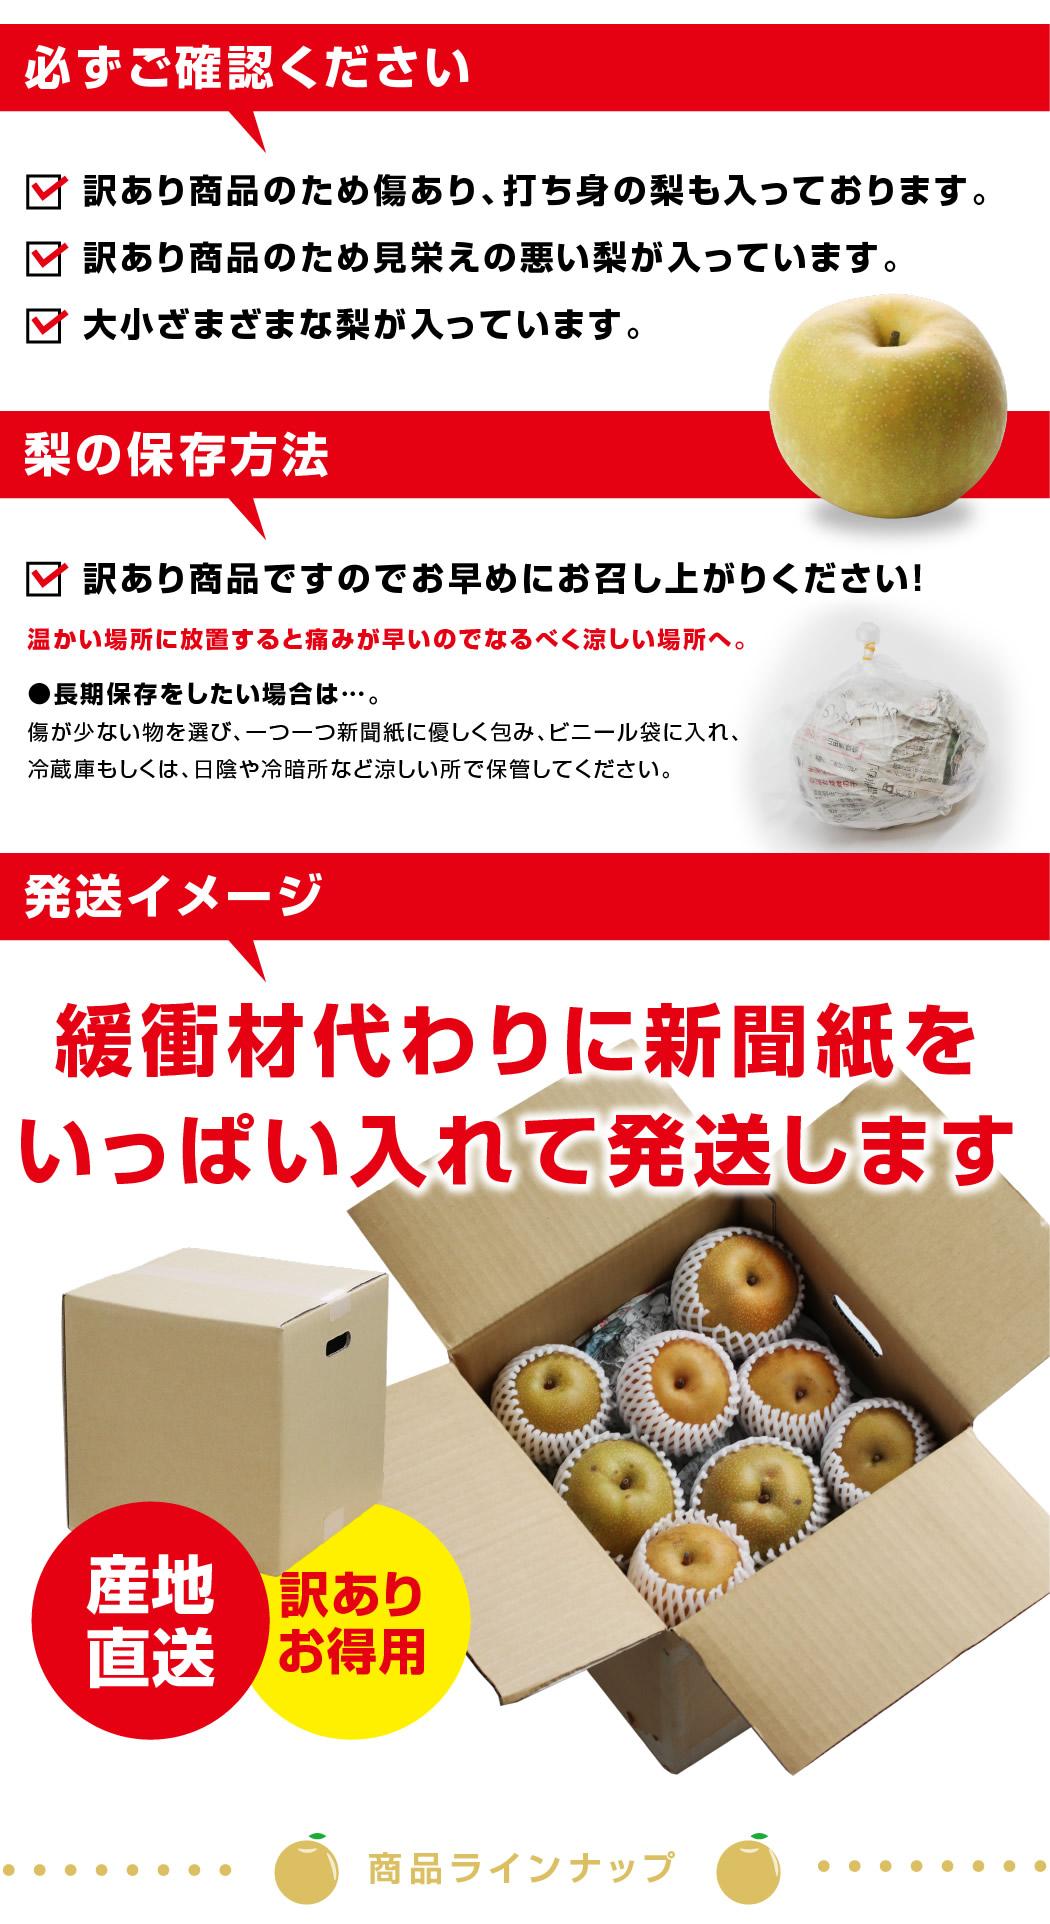 長野県産訳あり梨 10キロ